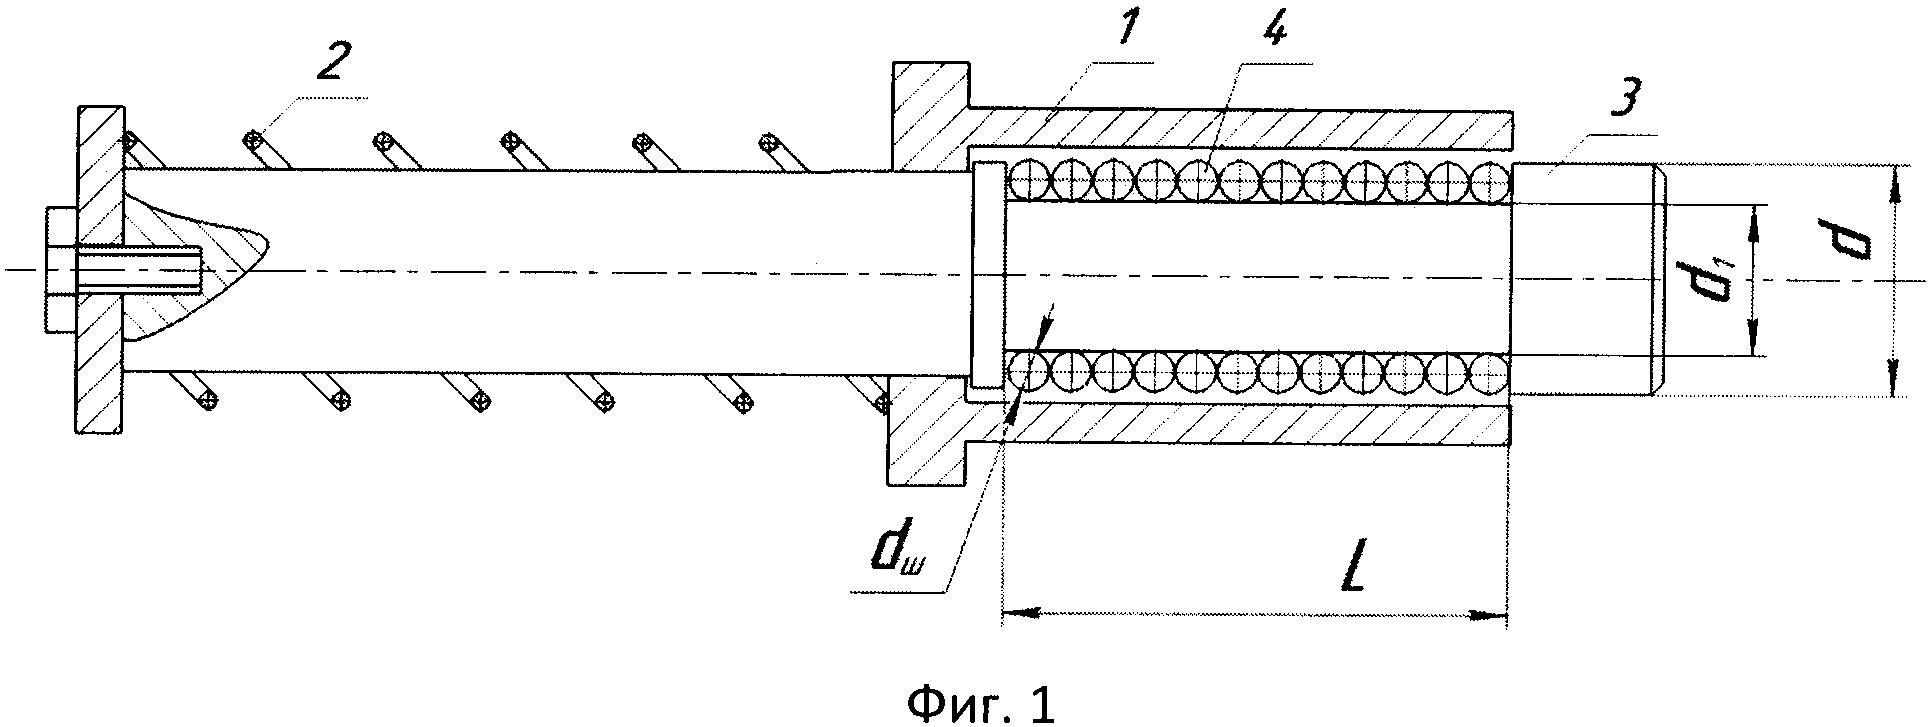 Устройство для фиксации эпюры давления в соединении с натягом